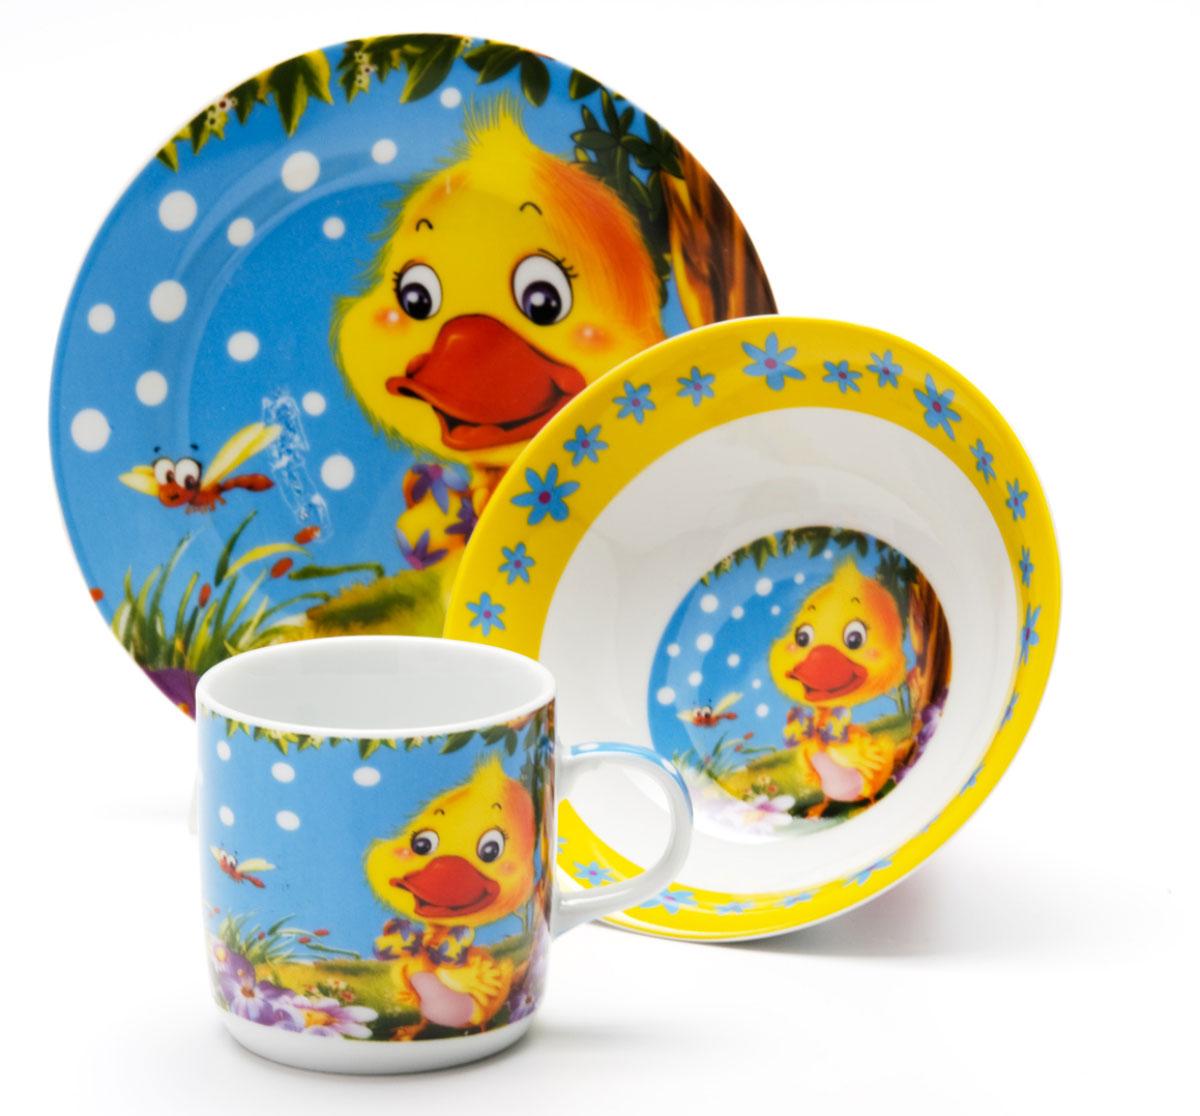 Набор посуды Loraine Утенок, 3 предмета24023Набор посуды Утёнок сочетает в себе изысканный дизайн с максимальной функциональностью. В набор входят суповая тарелка, обеденная тарелка и кружка. Предметы набора выполнены из высококачественной керамики, декорированы красочным рисунком. Благодаря такому набору обед вашего ребенка будет еще вкуснее. Набор упакован в красочную, подарочную упаковку.